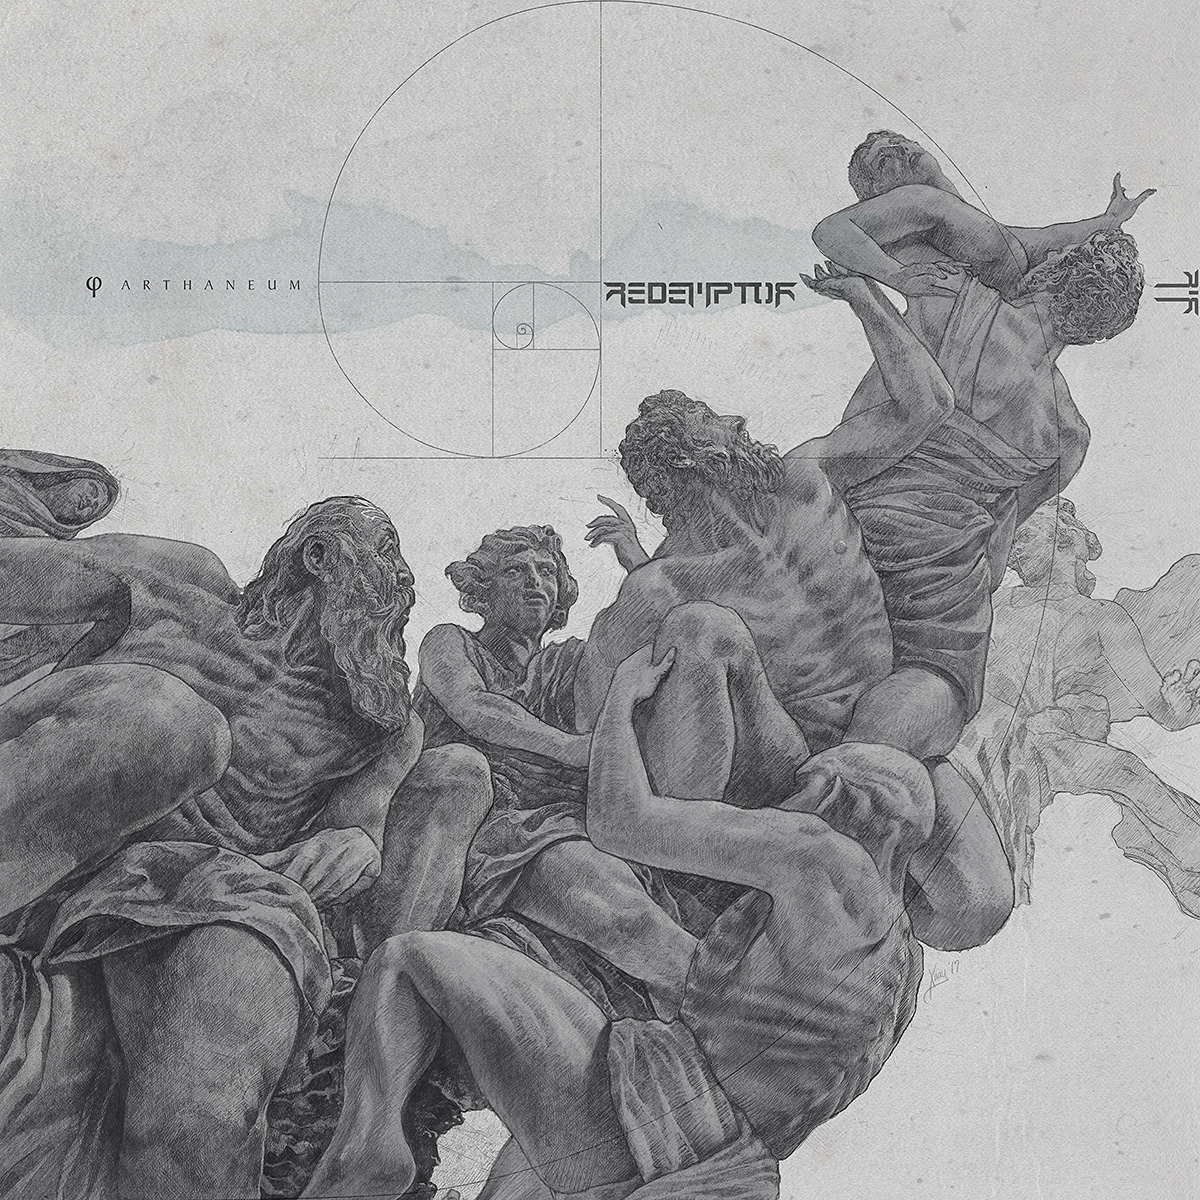 Redemptor - Arthaneum